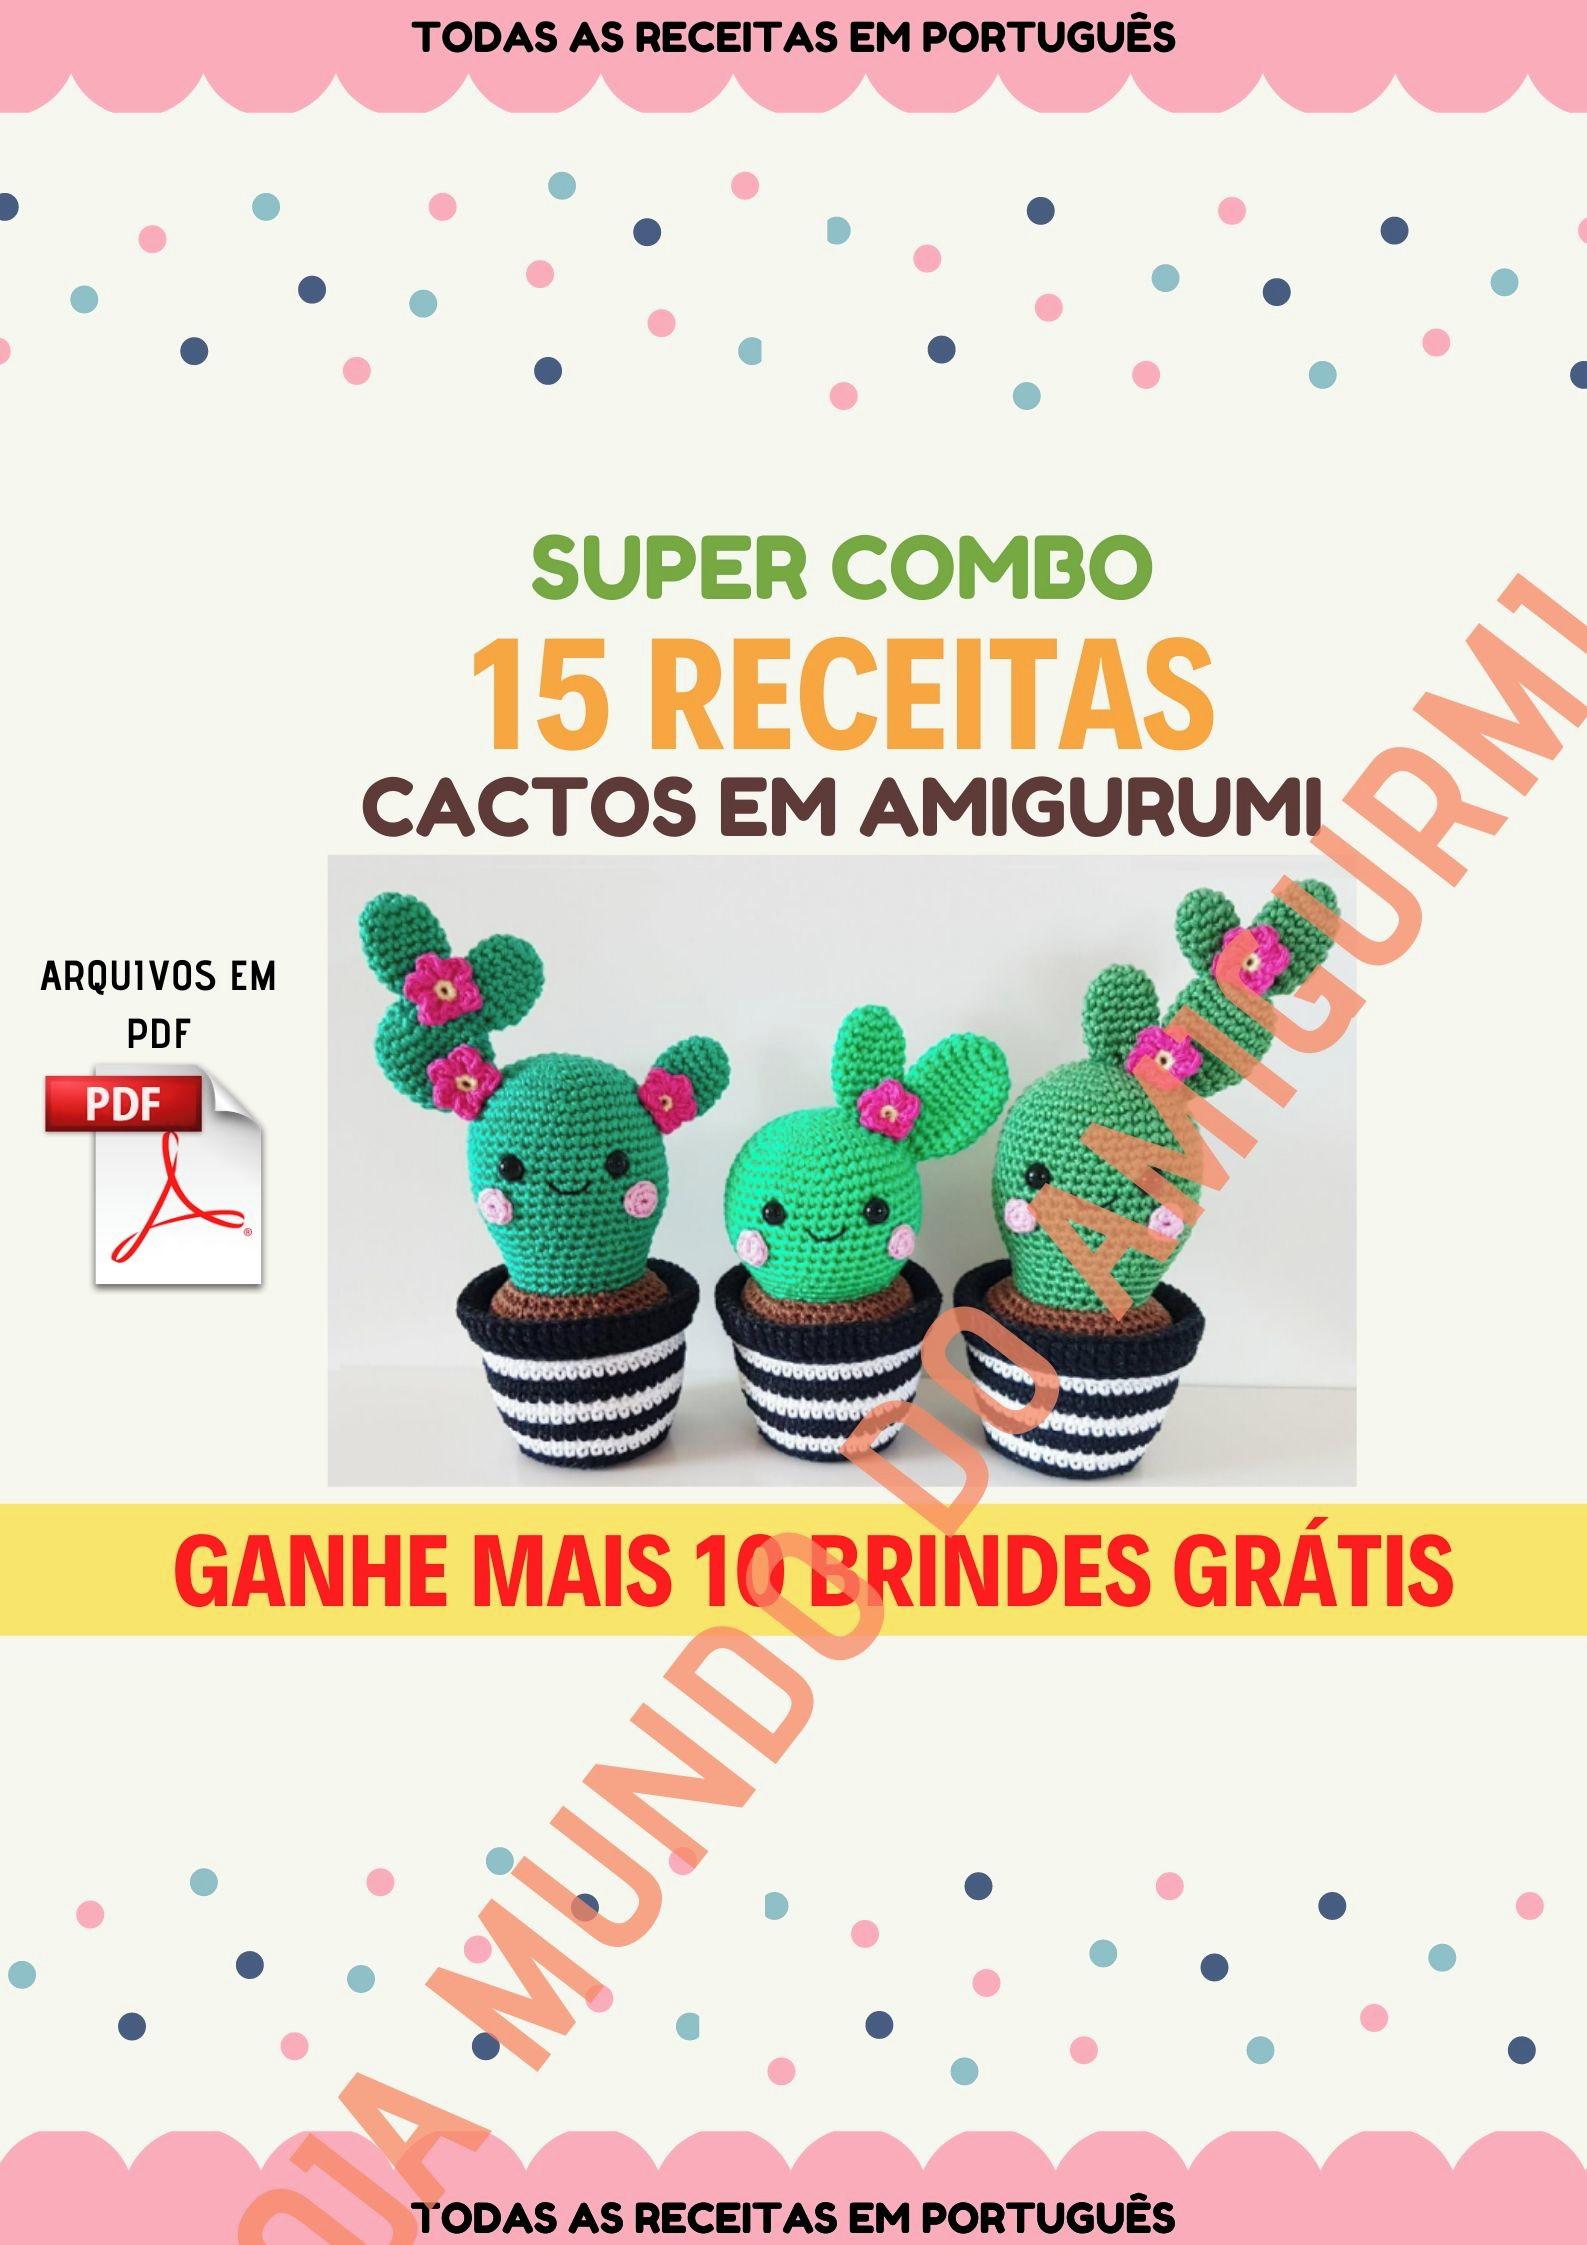 105 Receitas De Amigurumis Em Português: Descubra Como Milhares De ...   2245x1587